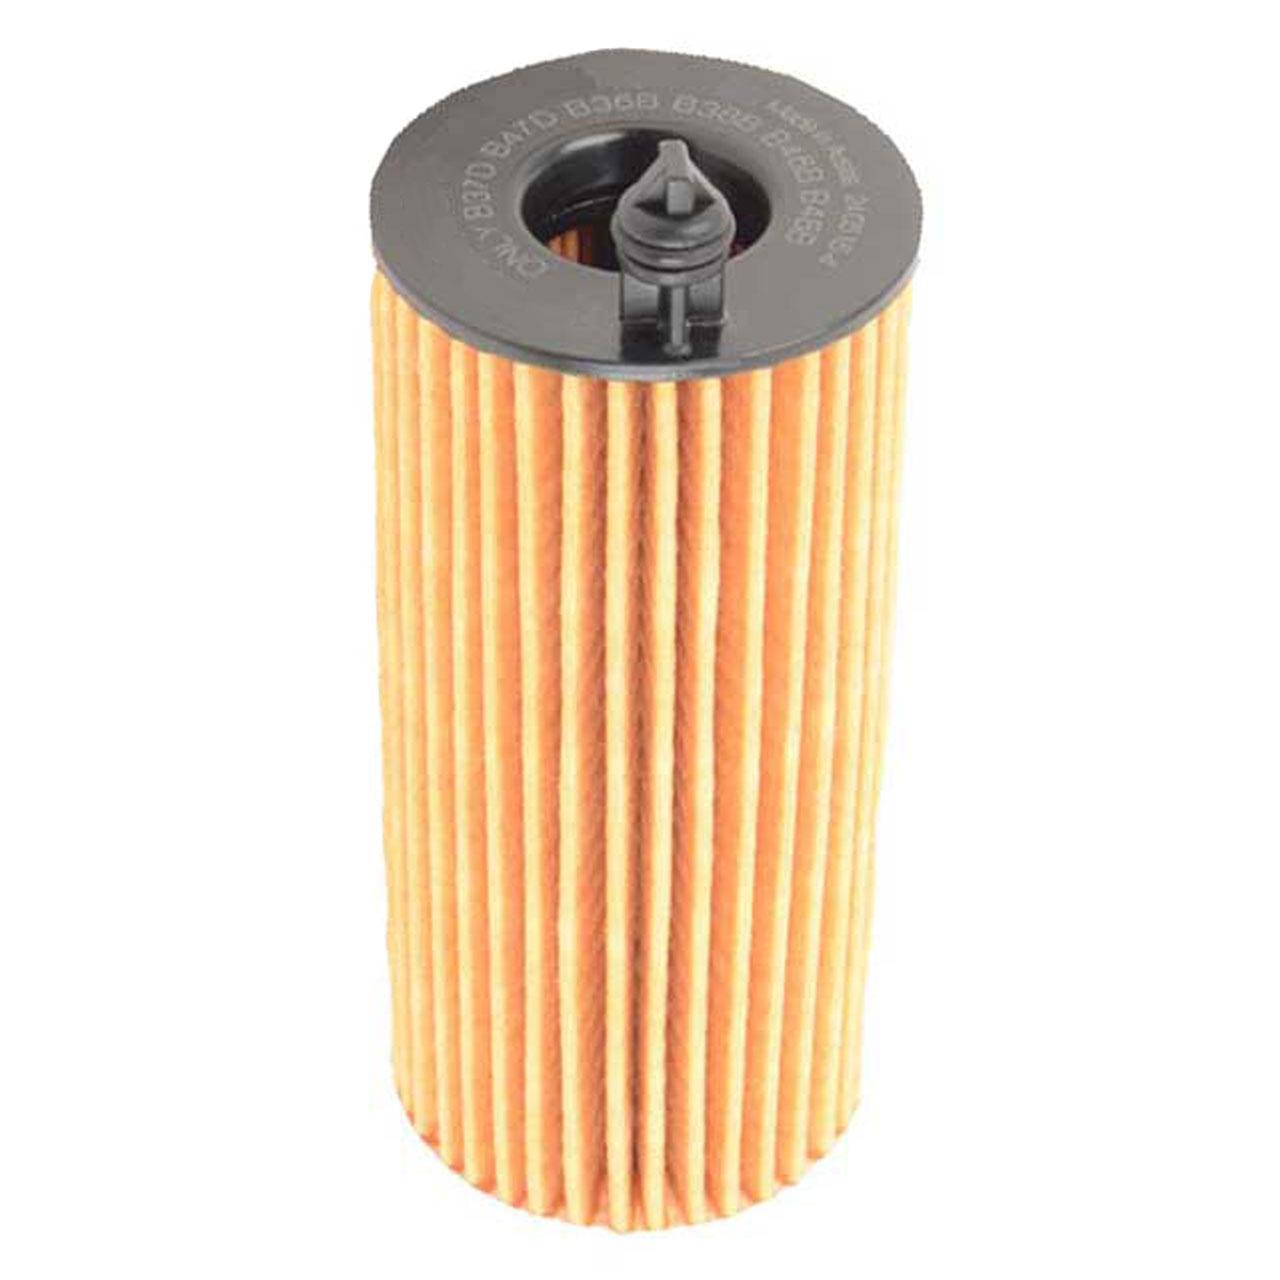 فیلتر روغن خودرو ماهله B48 مناسب برای بی ام دبلیو 730Li